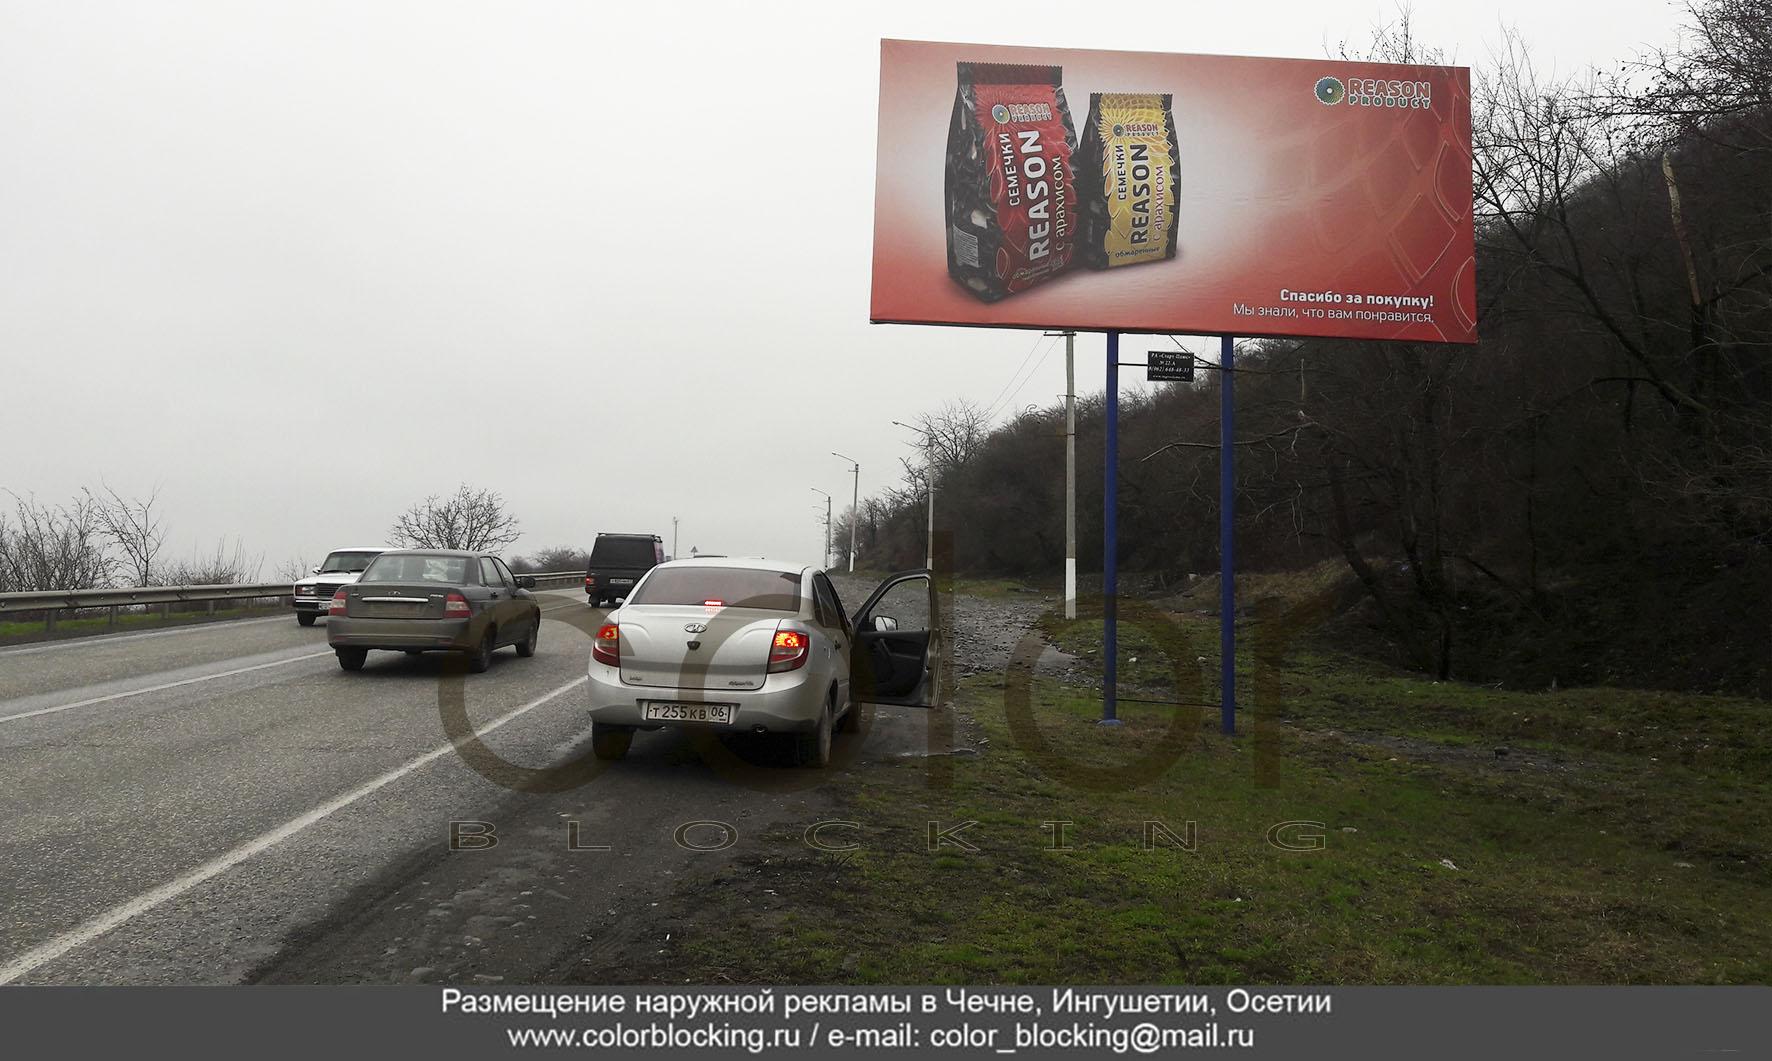 Наружная реклама в Назрани 3х6